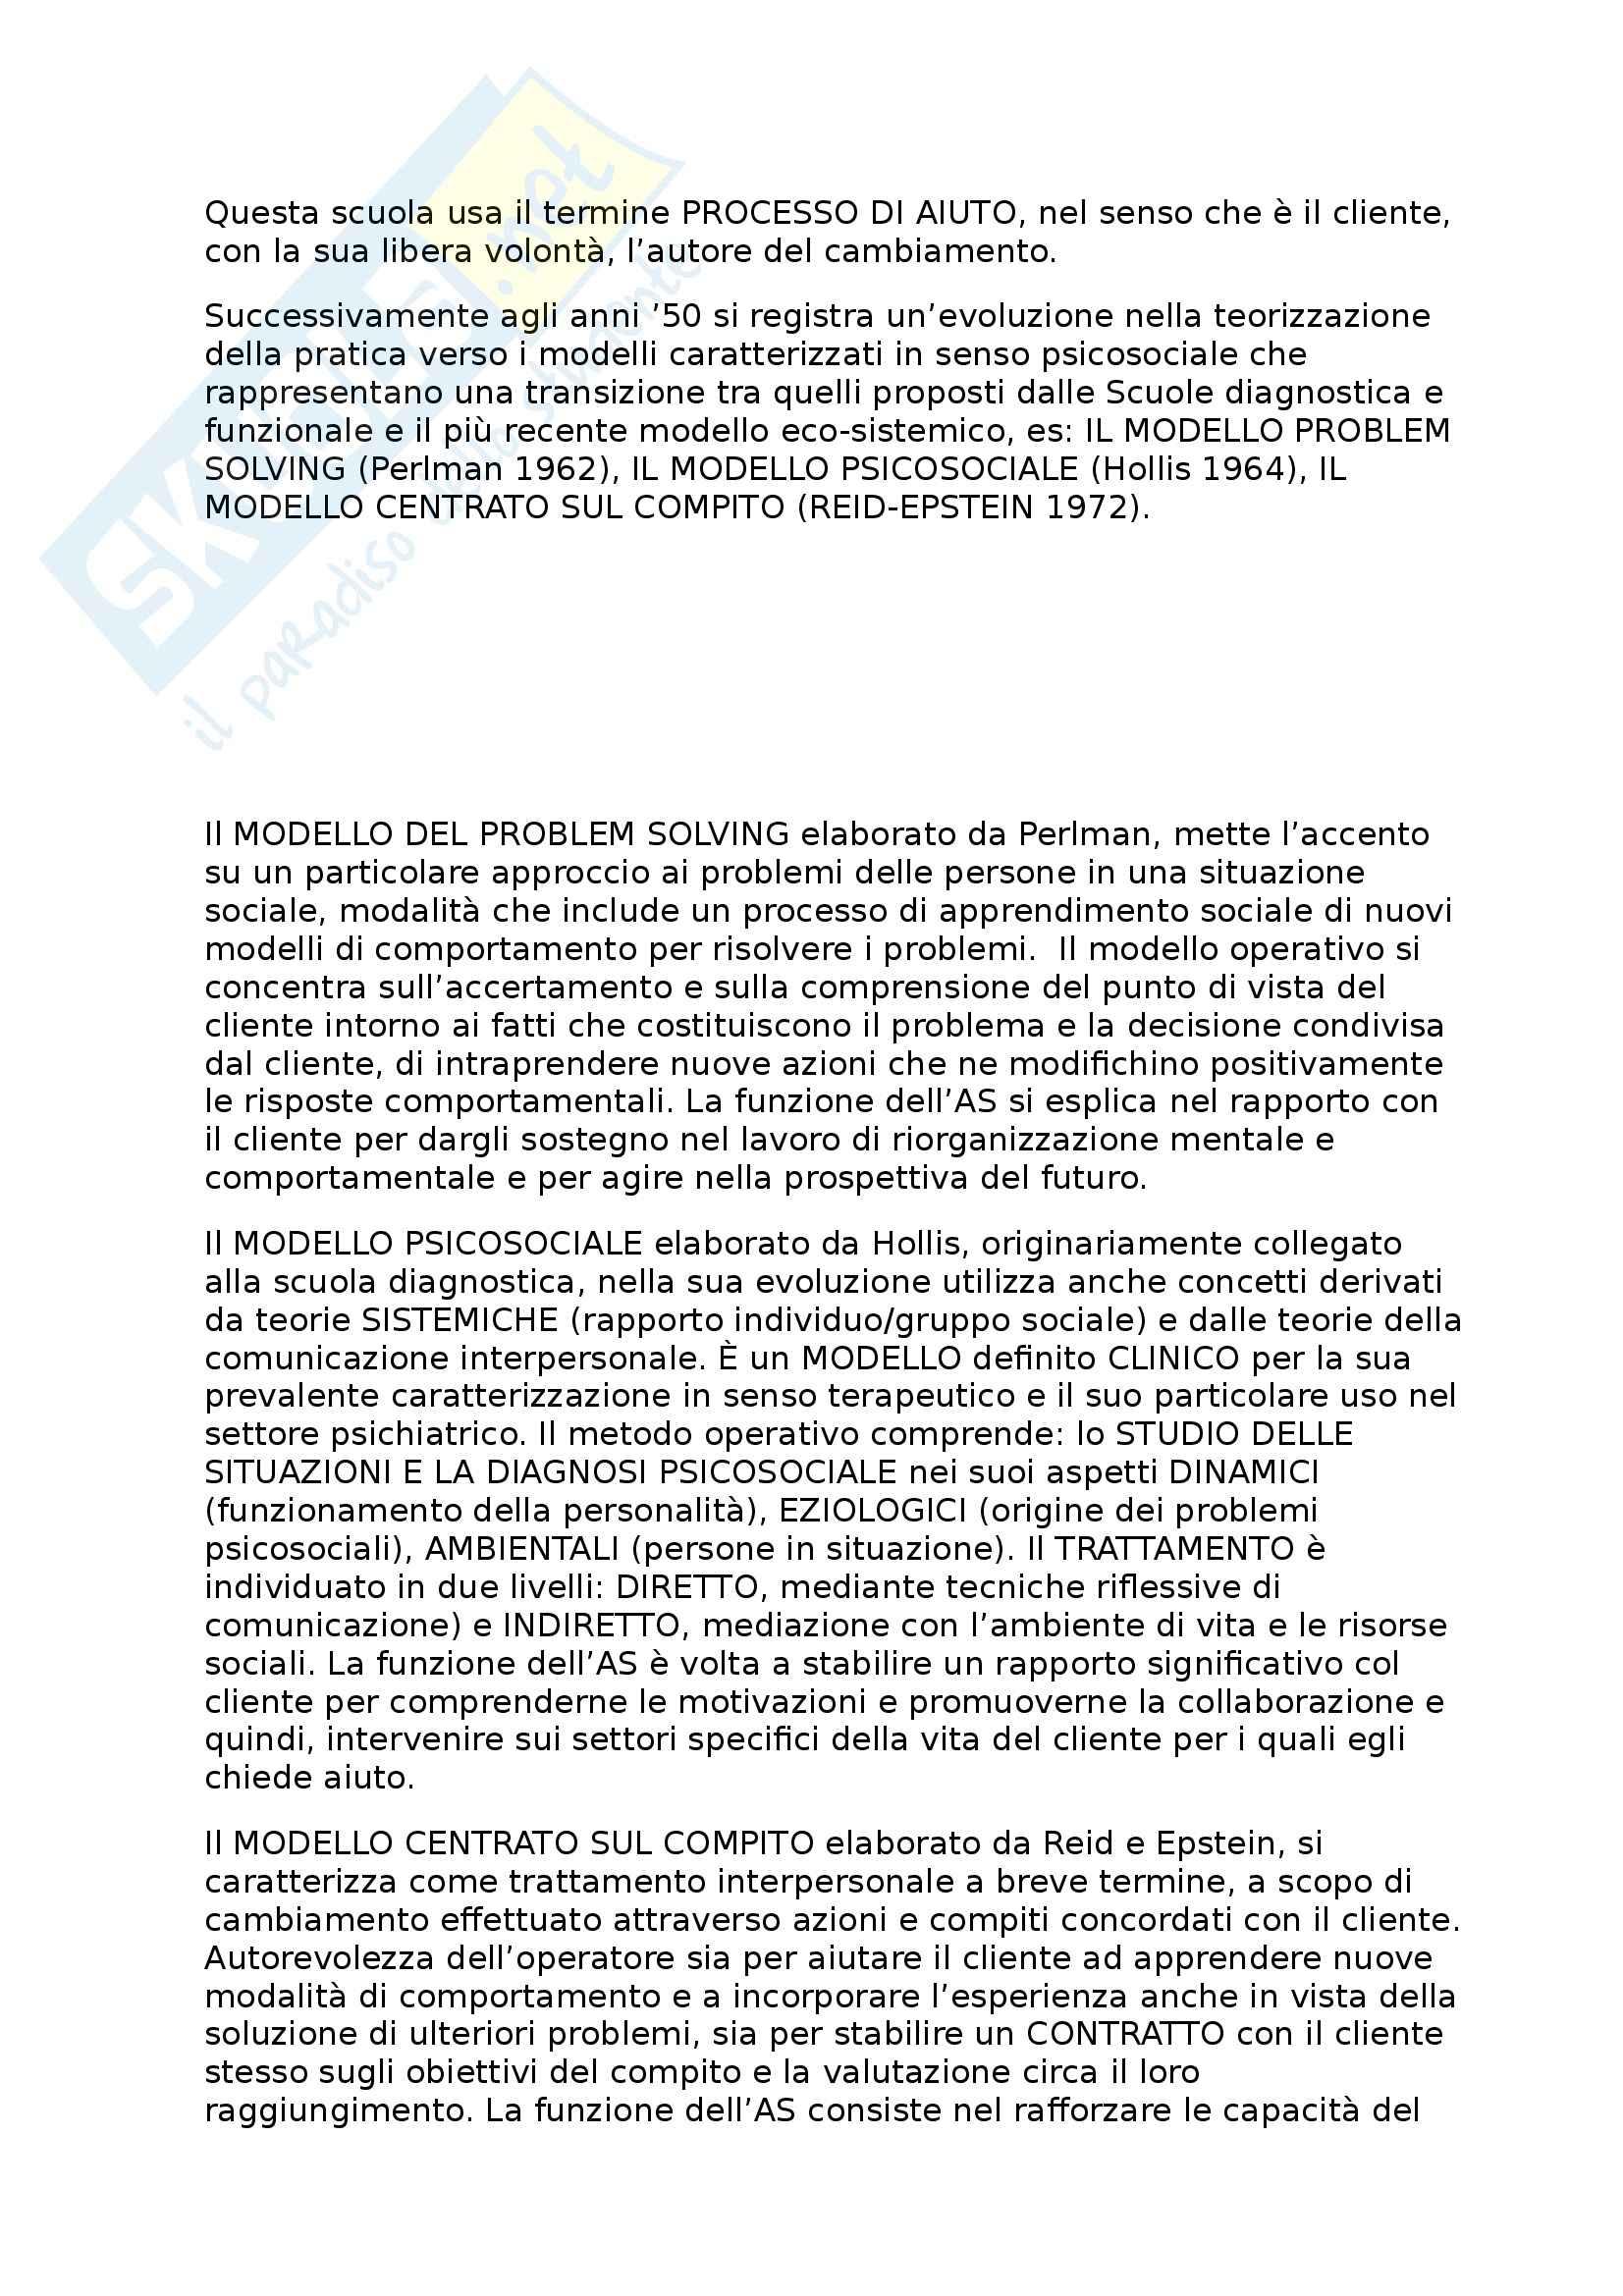 Riassunto esame Metodi e Tecniche del Servizio Sociale, prof. Palmieri, libro consigliato Metodi e Tecniche del Processo di Aiuto, Lerma Pag. 11